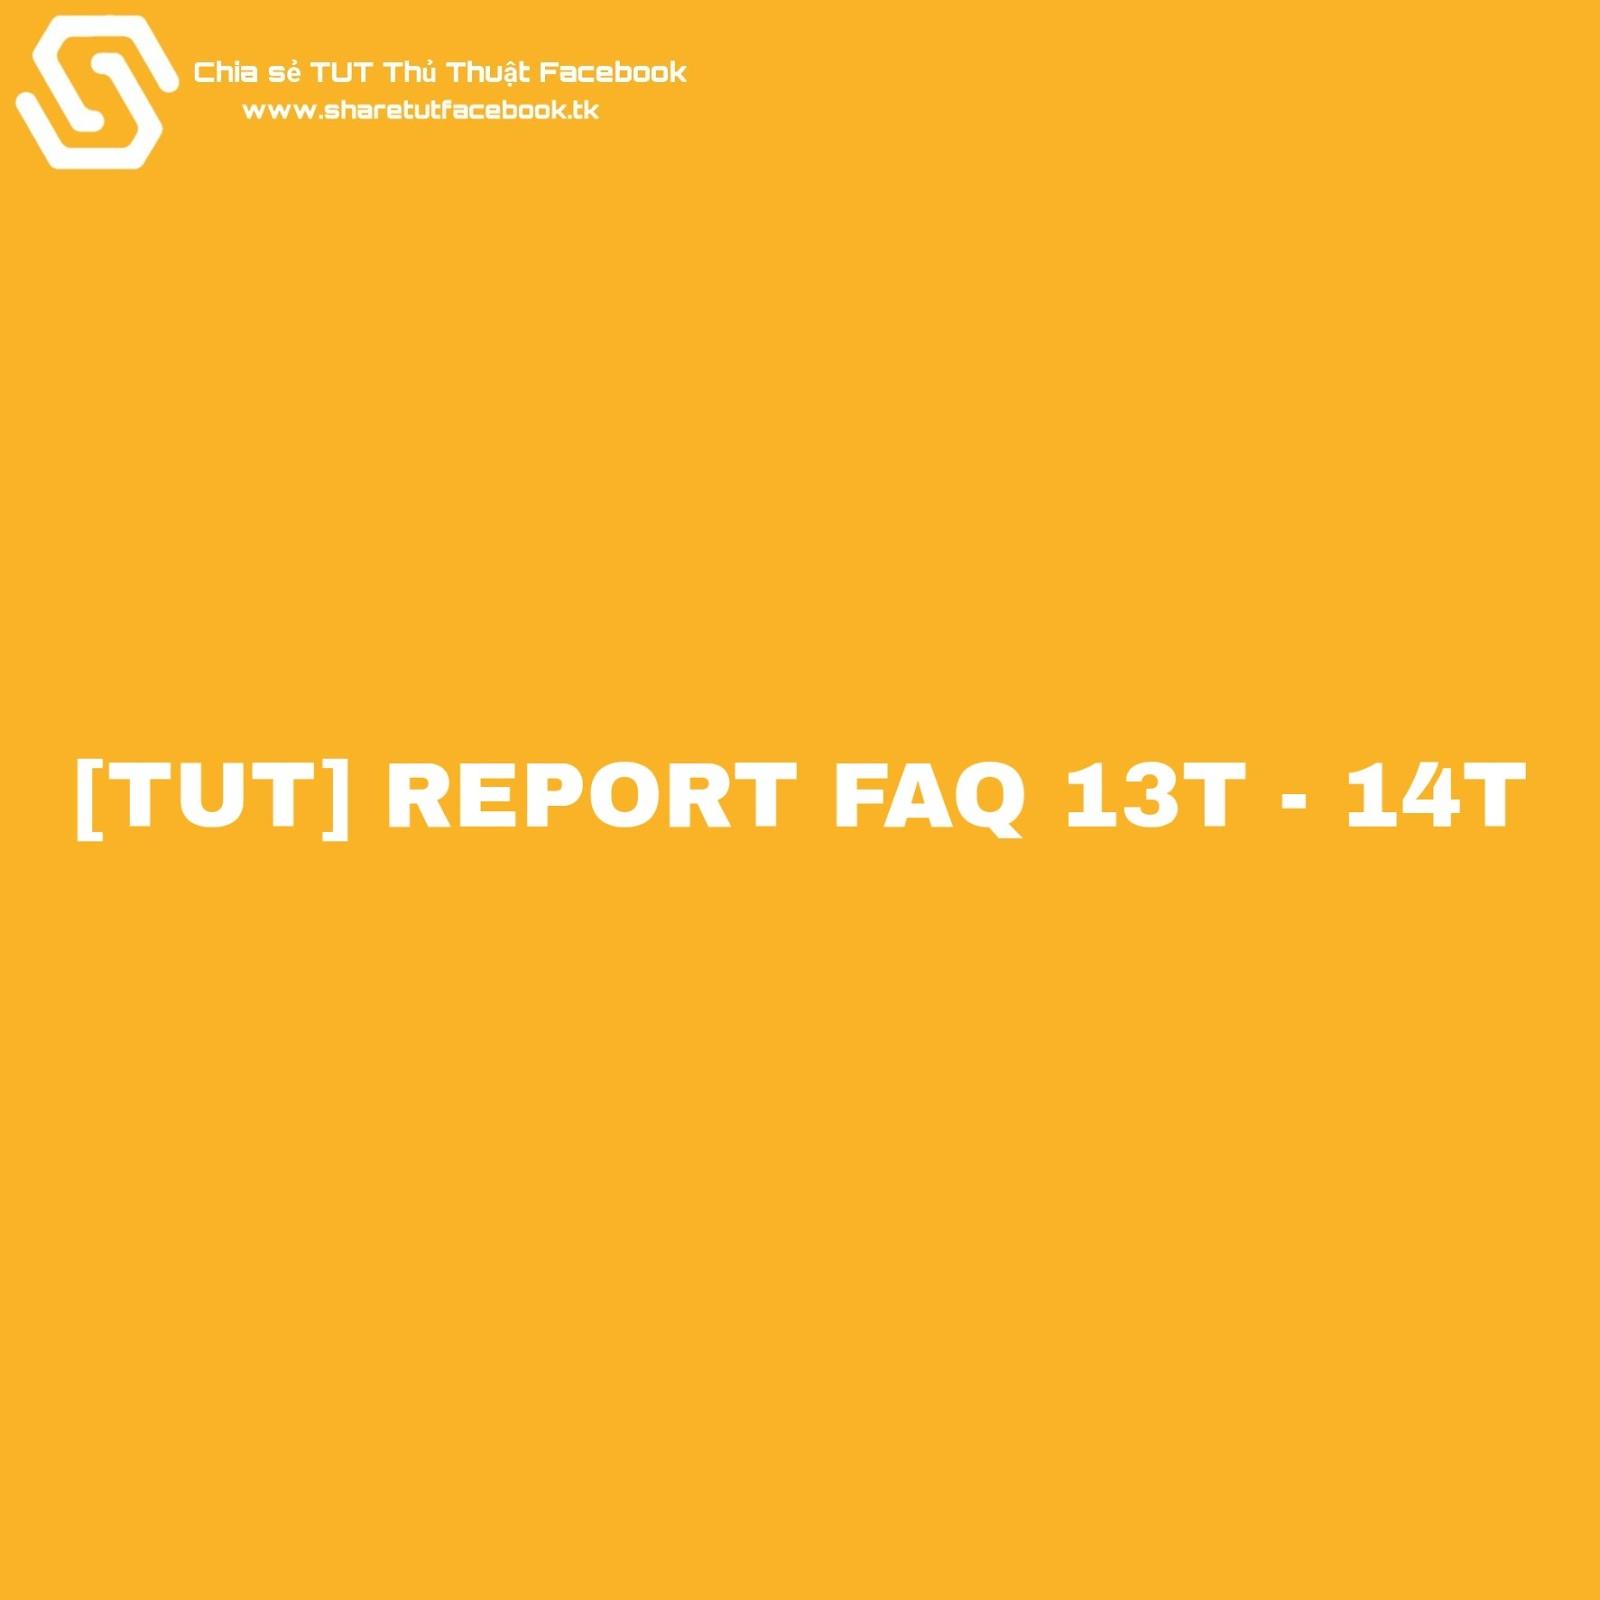 hướng dẫn dame faq 13t 14t, tut report faq 13t  - 14t,  faq 13t,14t,  ríp ních faq 13t, rip nich facebook faq 13t -14t,  than chu rip nich faq 13t 14t